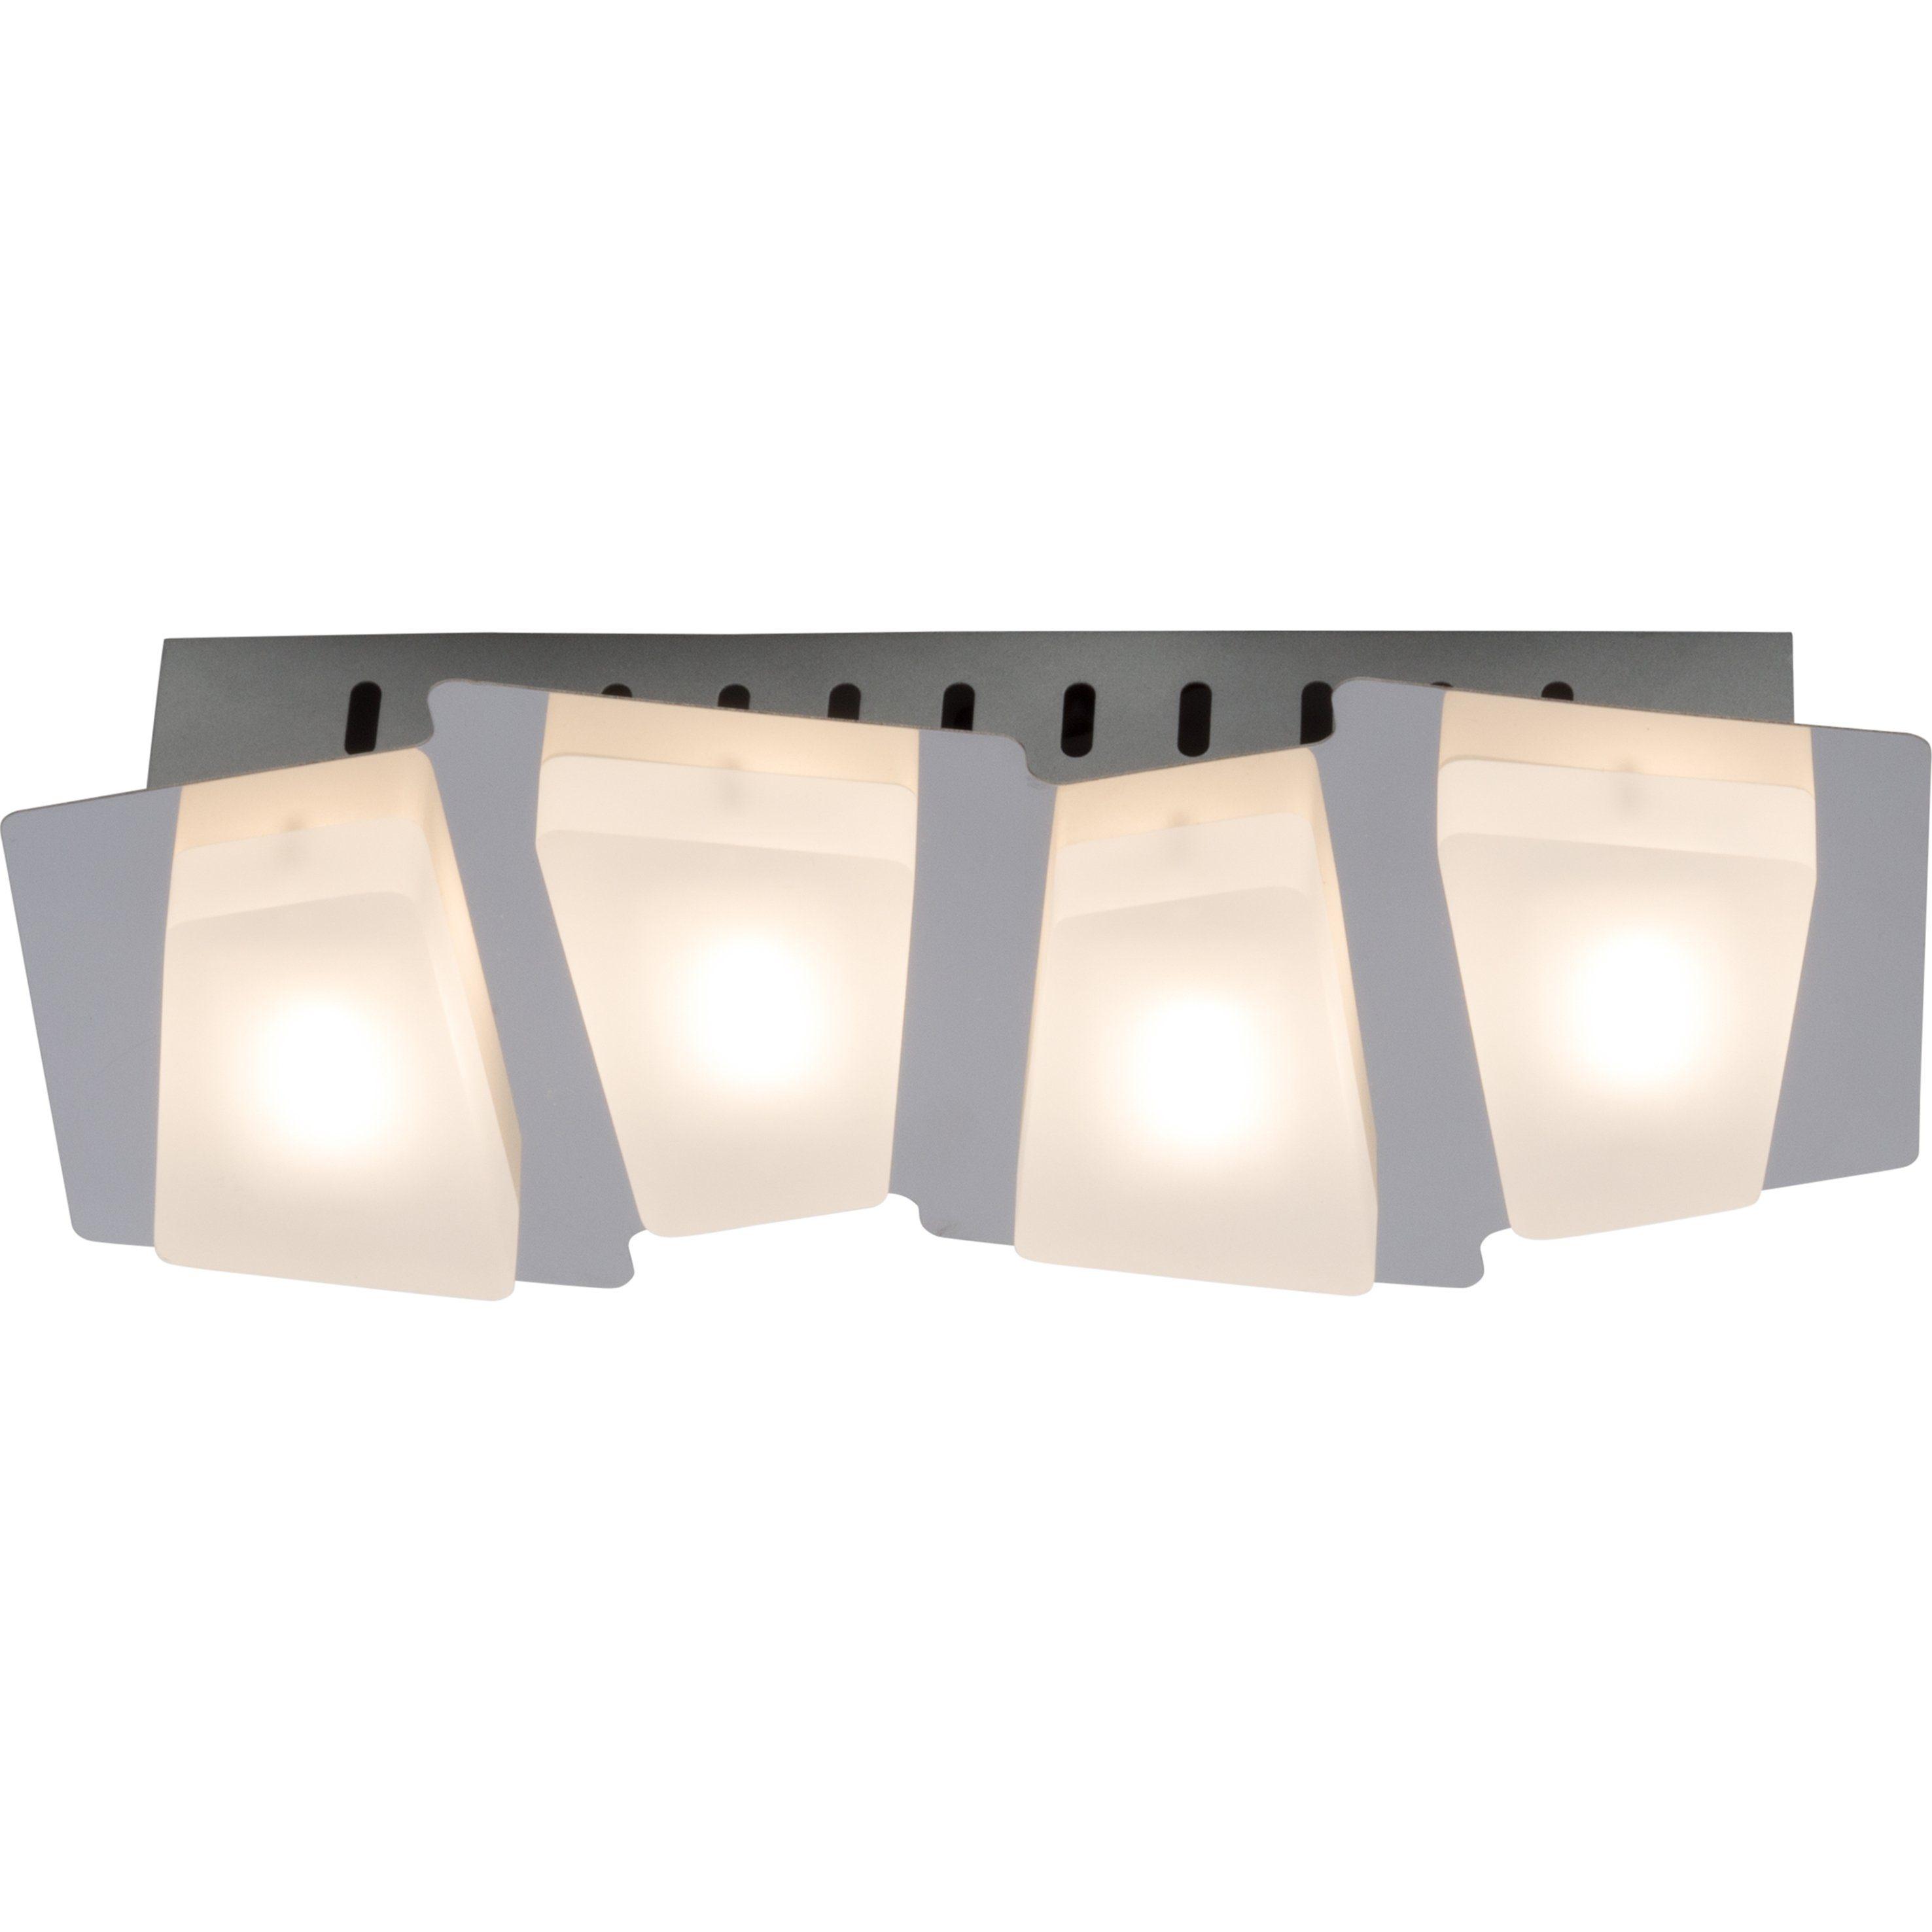 Brilliant Leuchten Block LED Wandleuchte, 4-flammig chrom/weiß